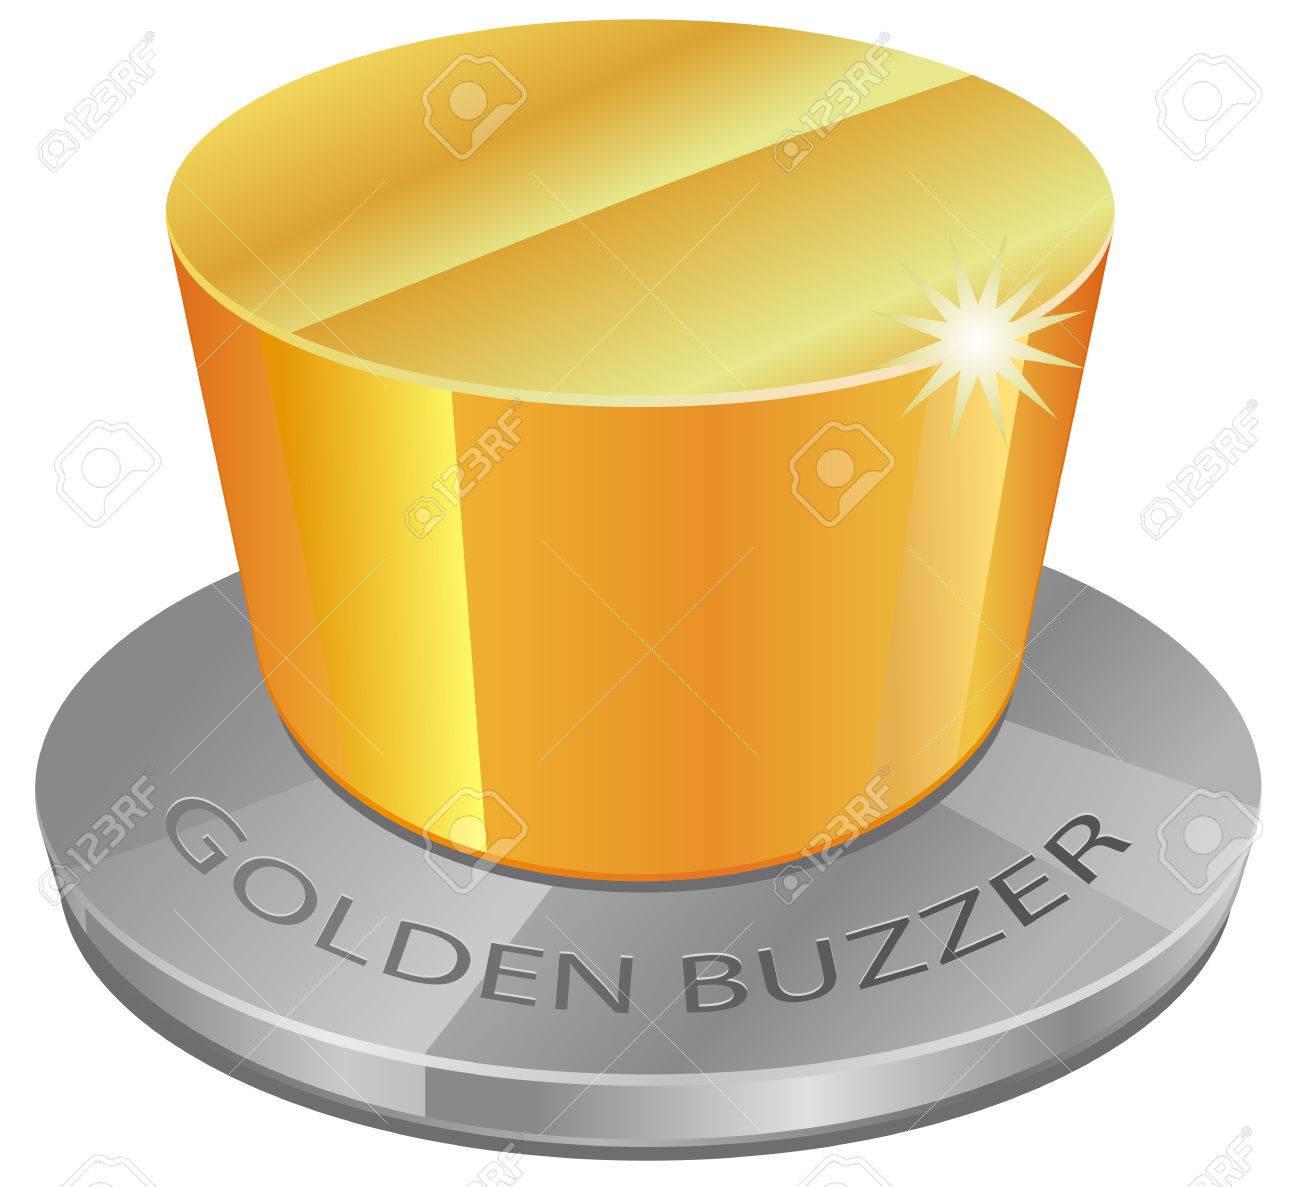 Golden Buzzer Icon Stock Vector